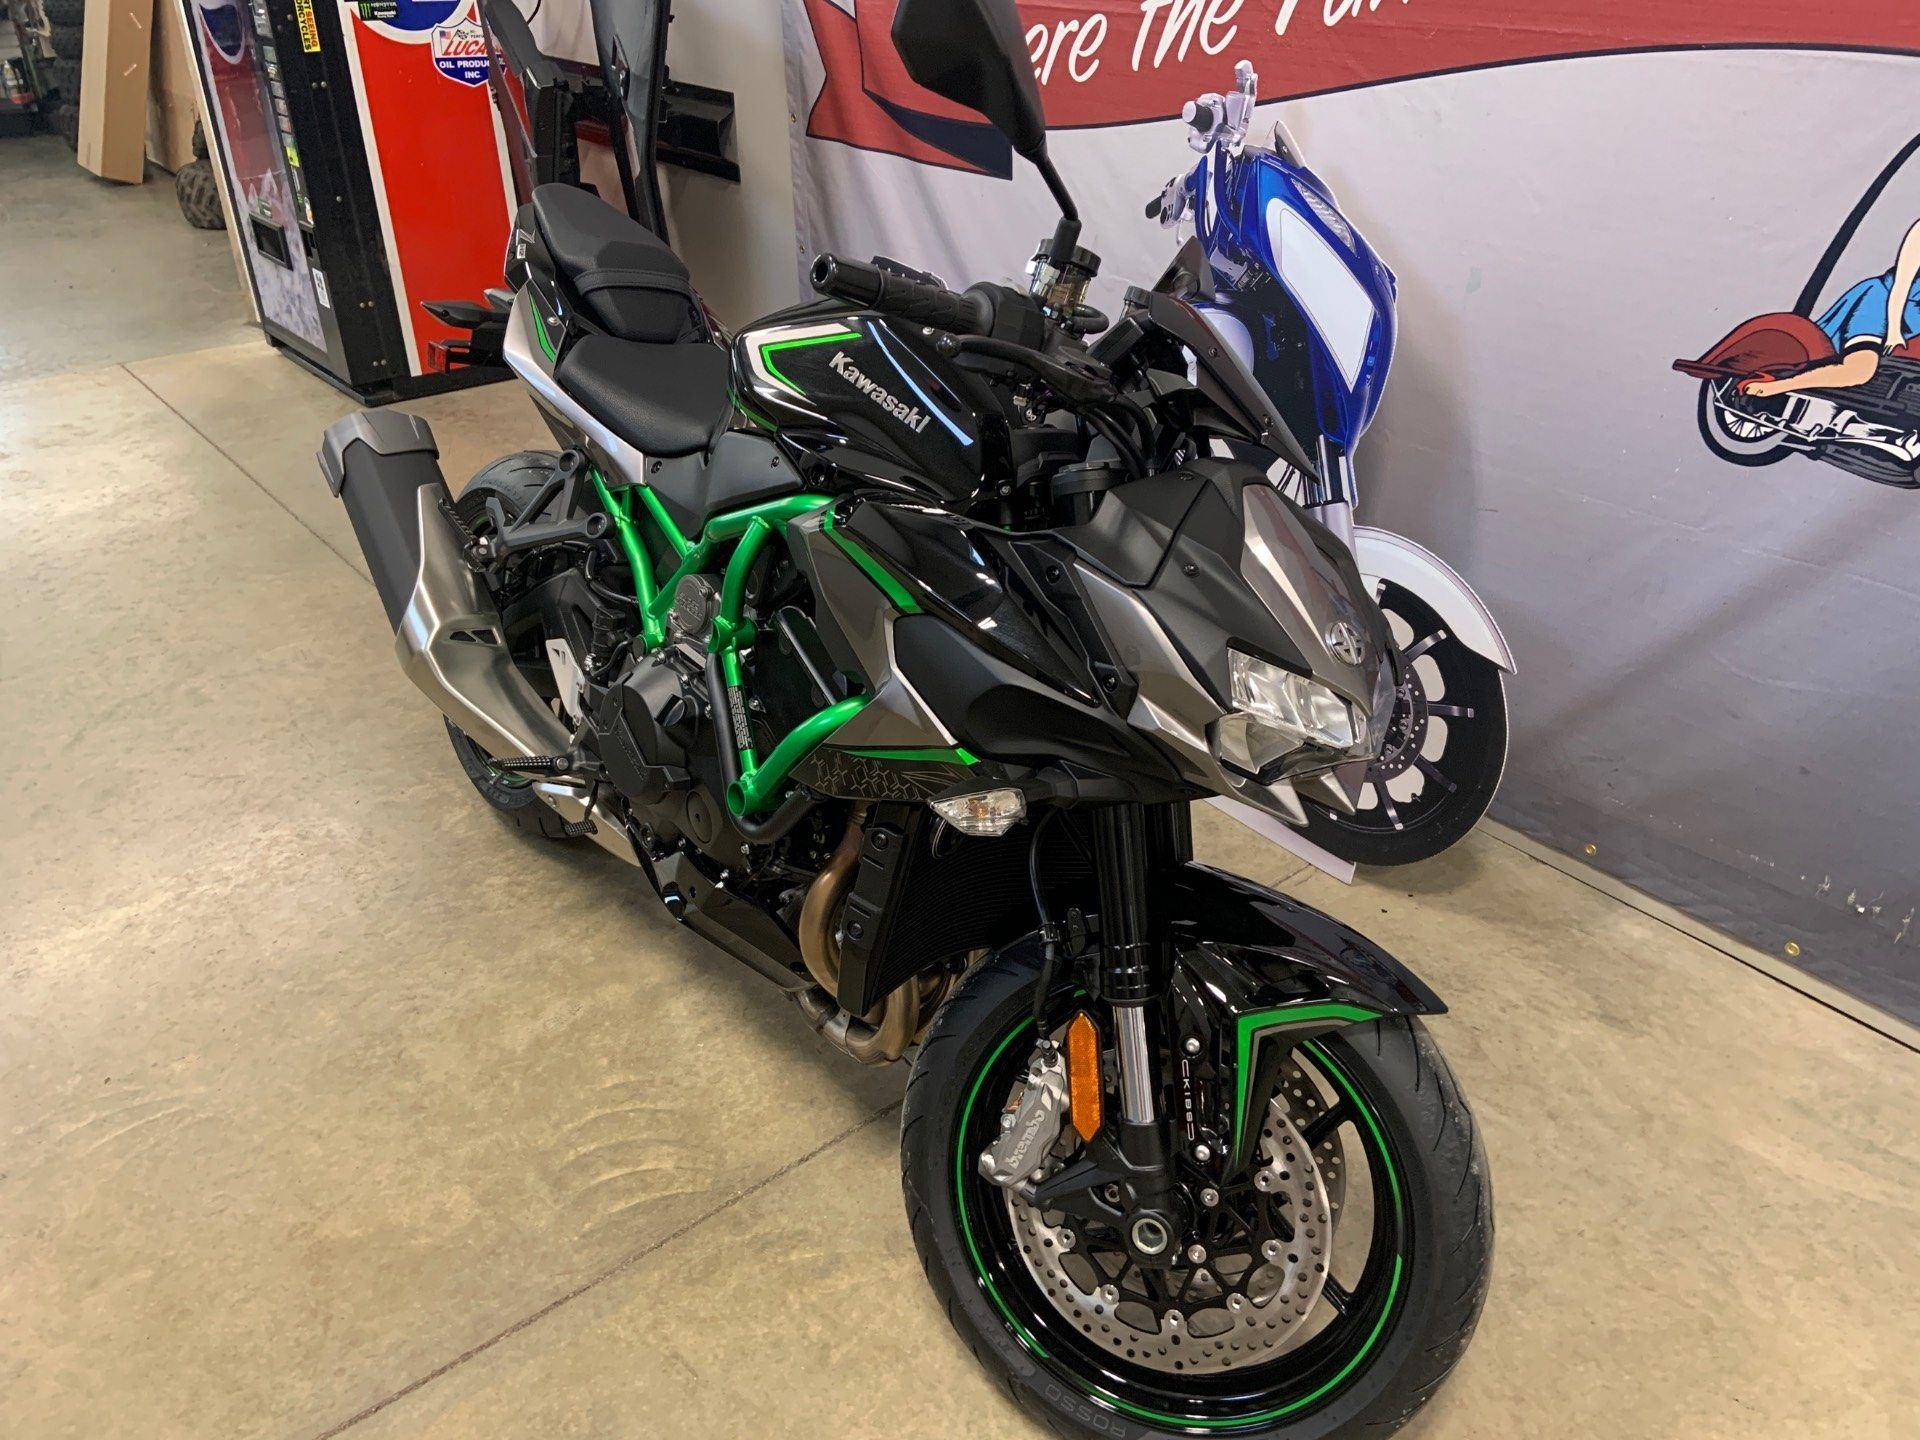 The New 2020 Kawasaki Z H2